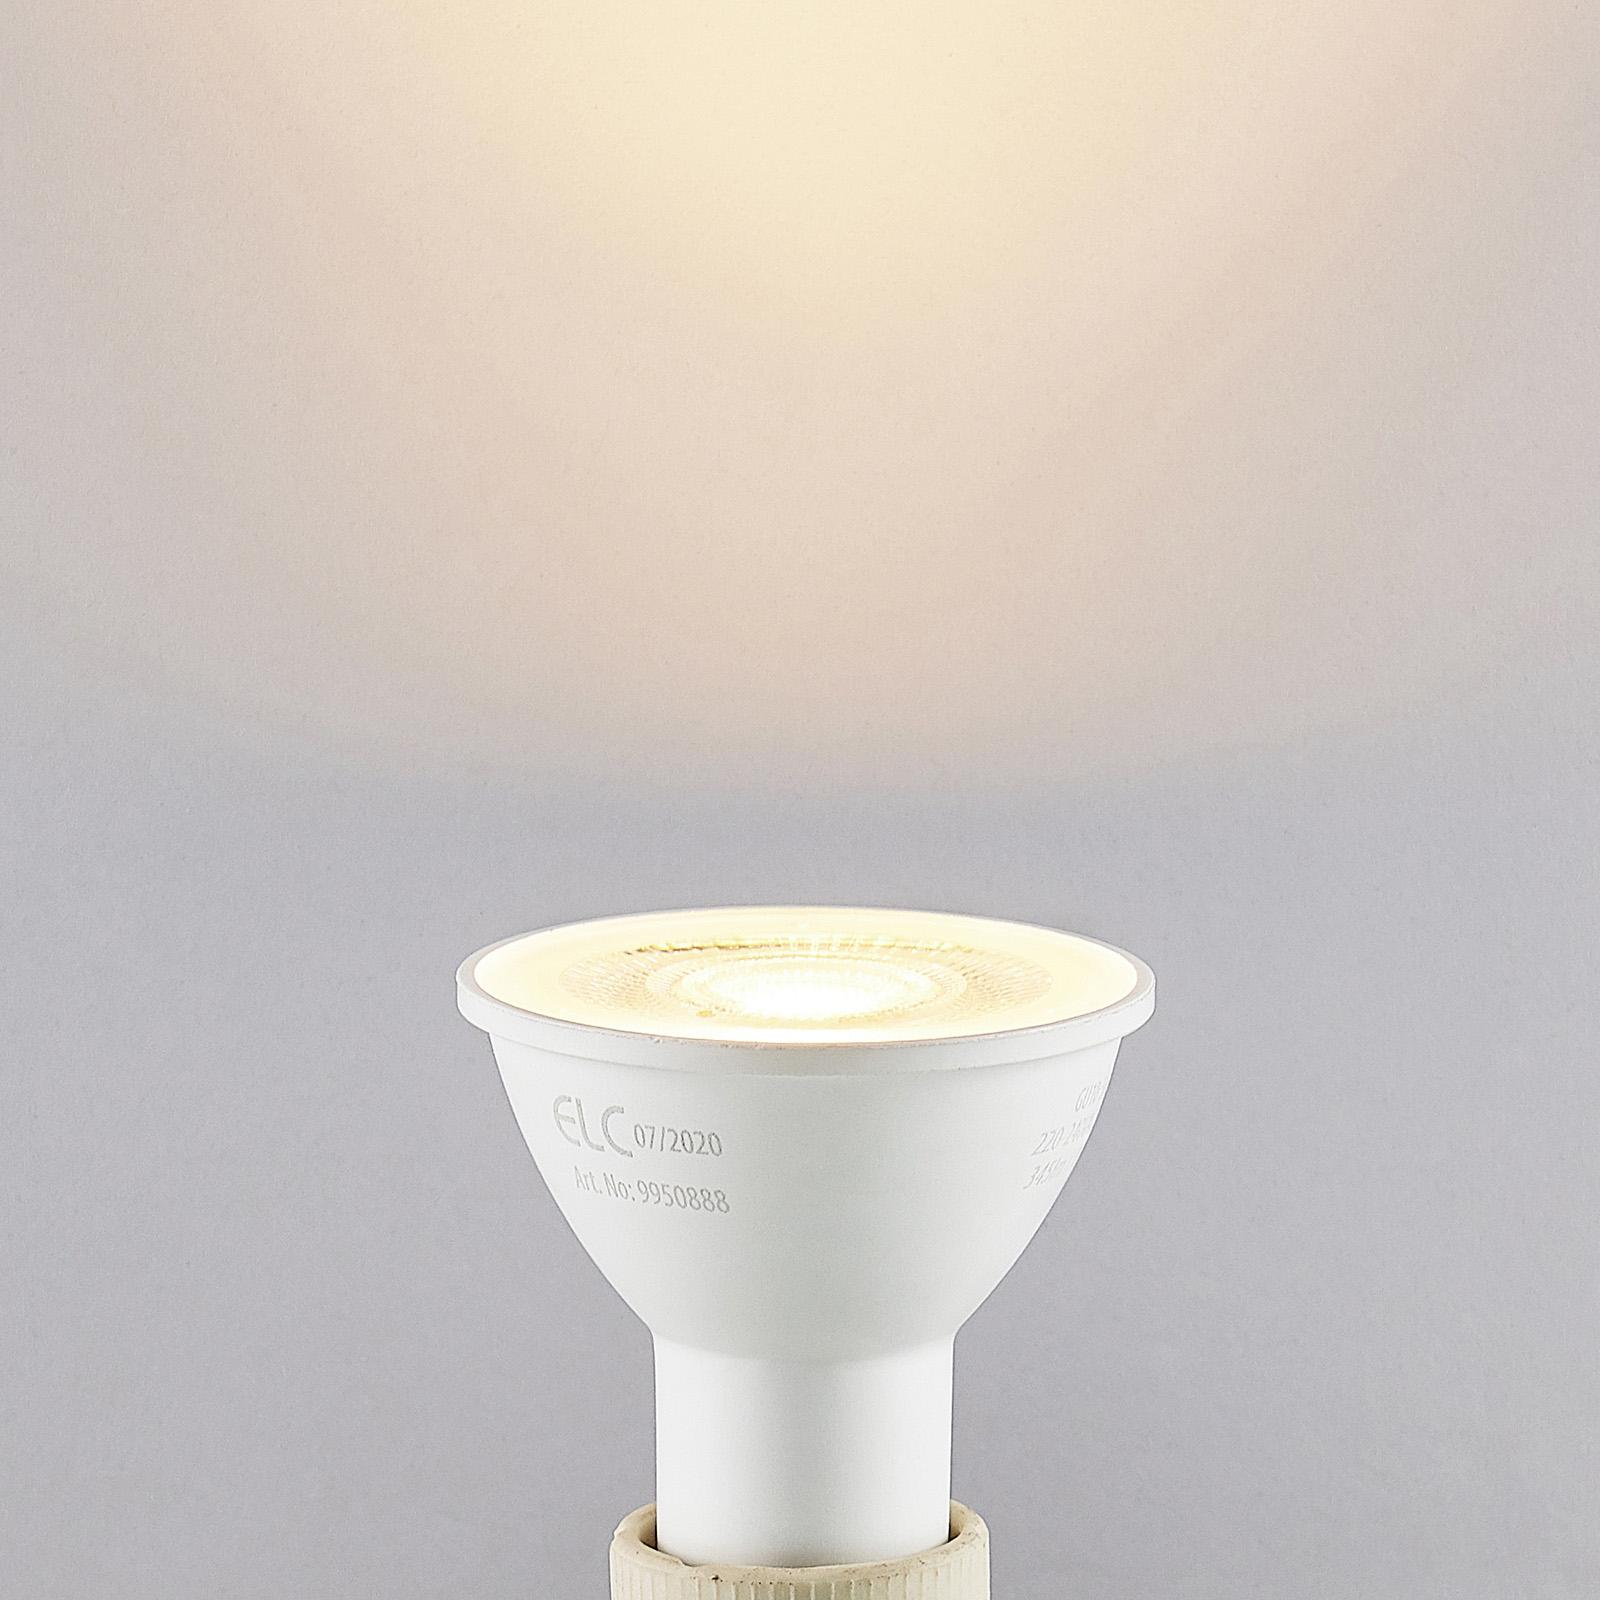 ELC LED-Reflektor GU10 5W 10er-Pack 2.700K 36°